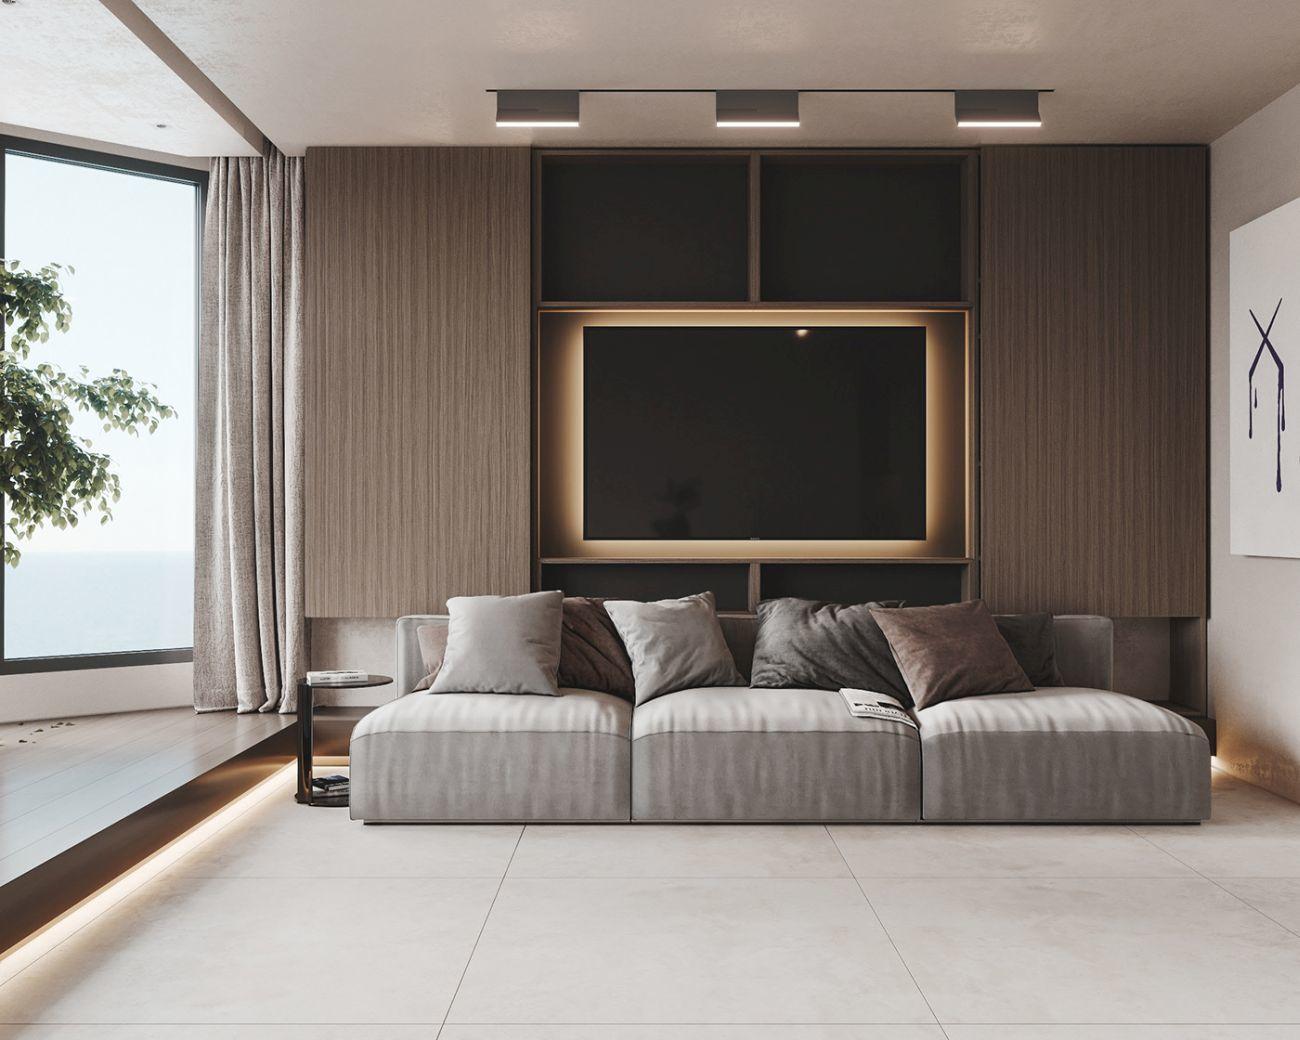 Kényelmes háromszemélyes kanapé - háttal a tévének